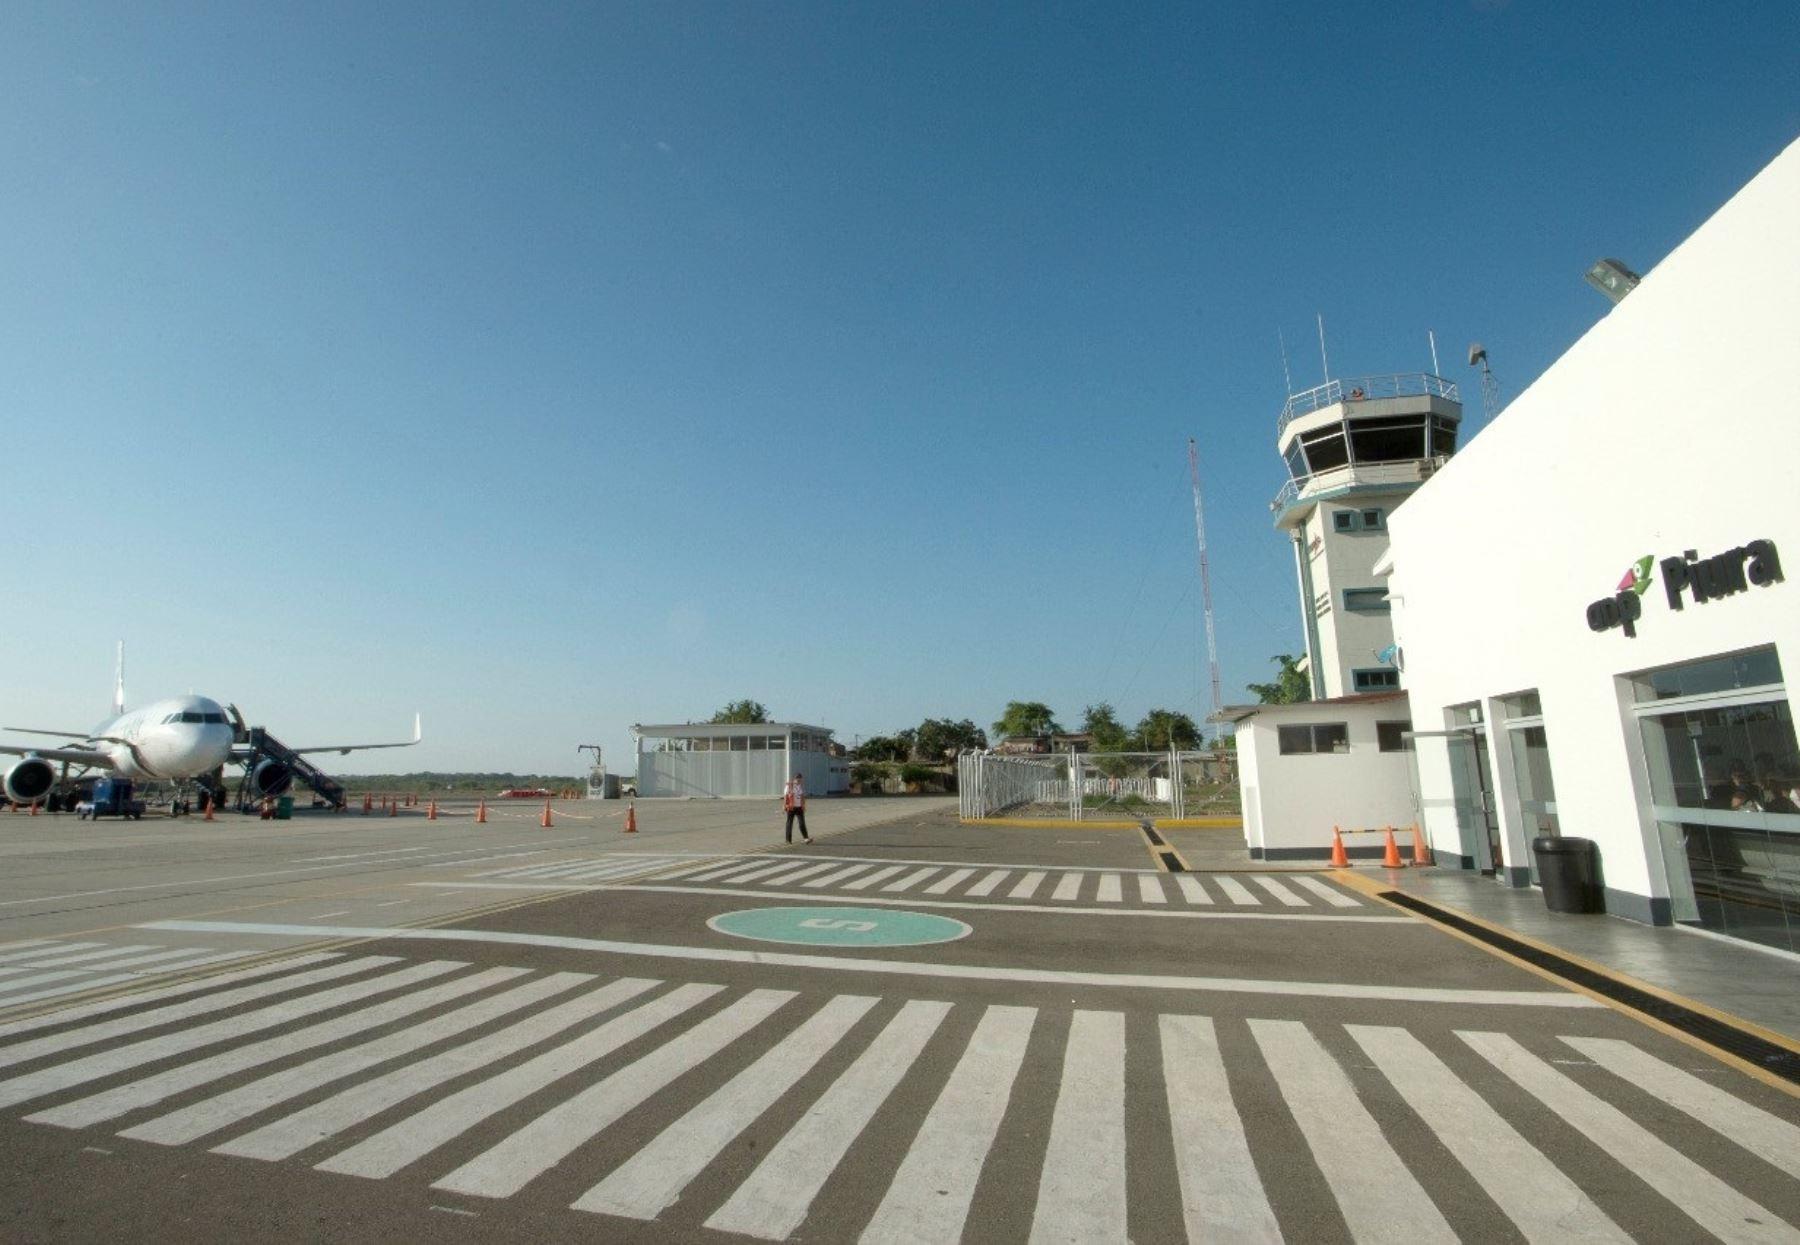 piura-aeropuerto-y-terminales-terrestres-adecuan-sus-horarios-por-toque-de-queda